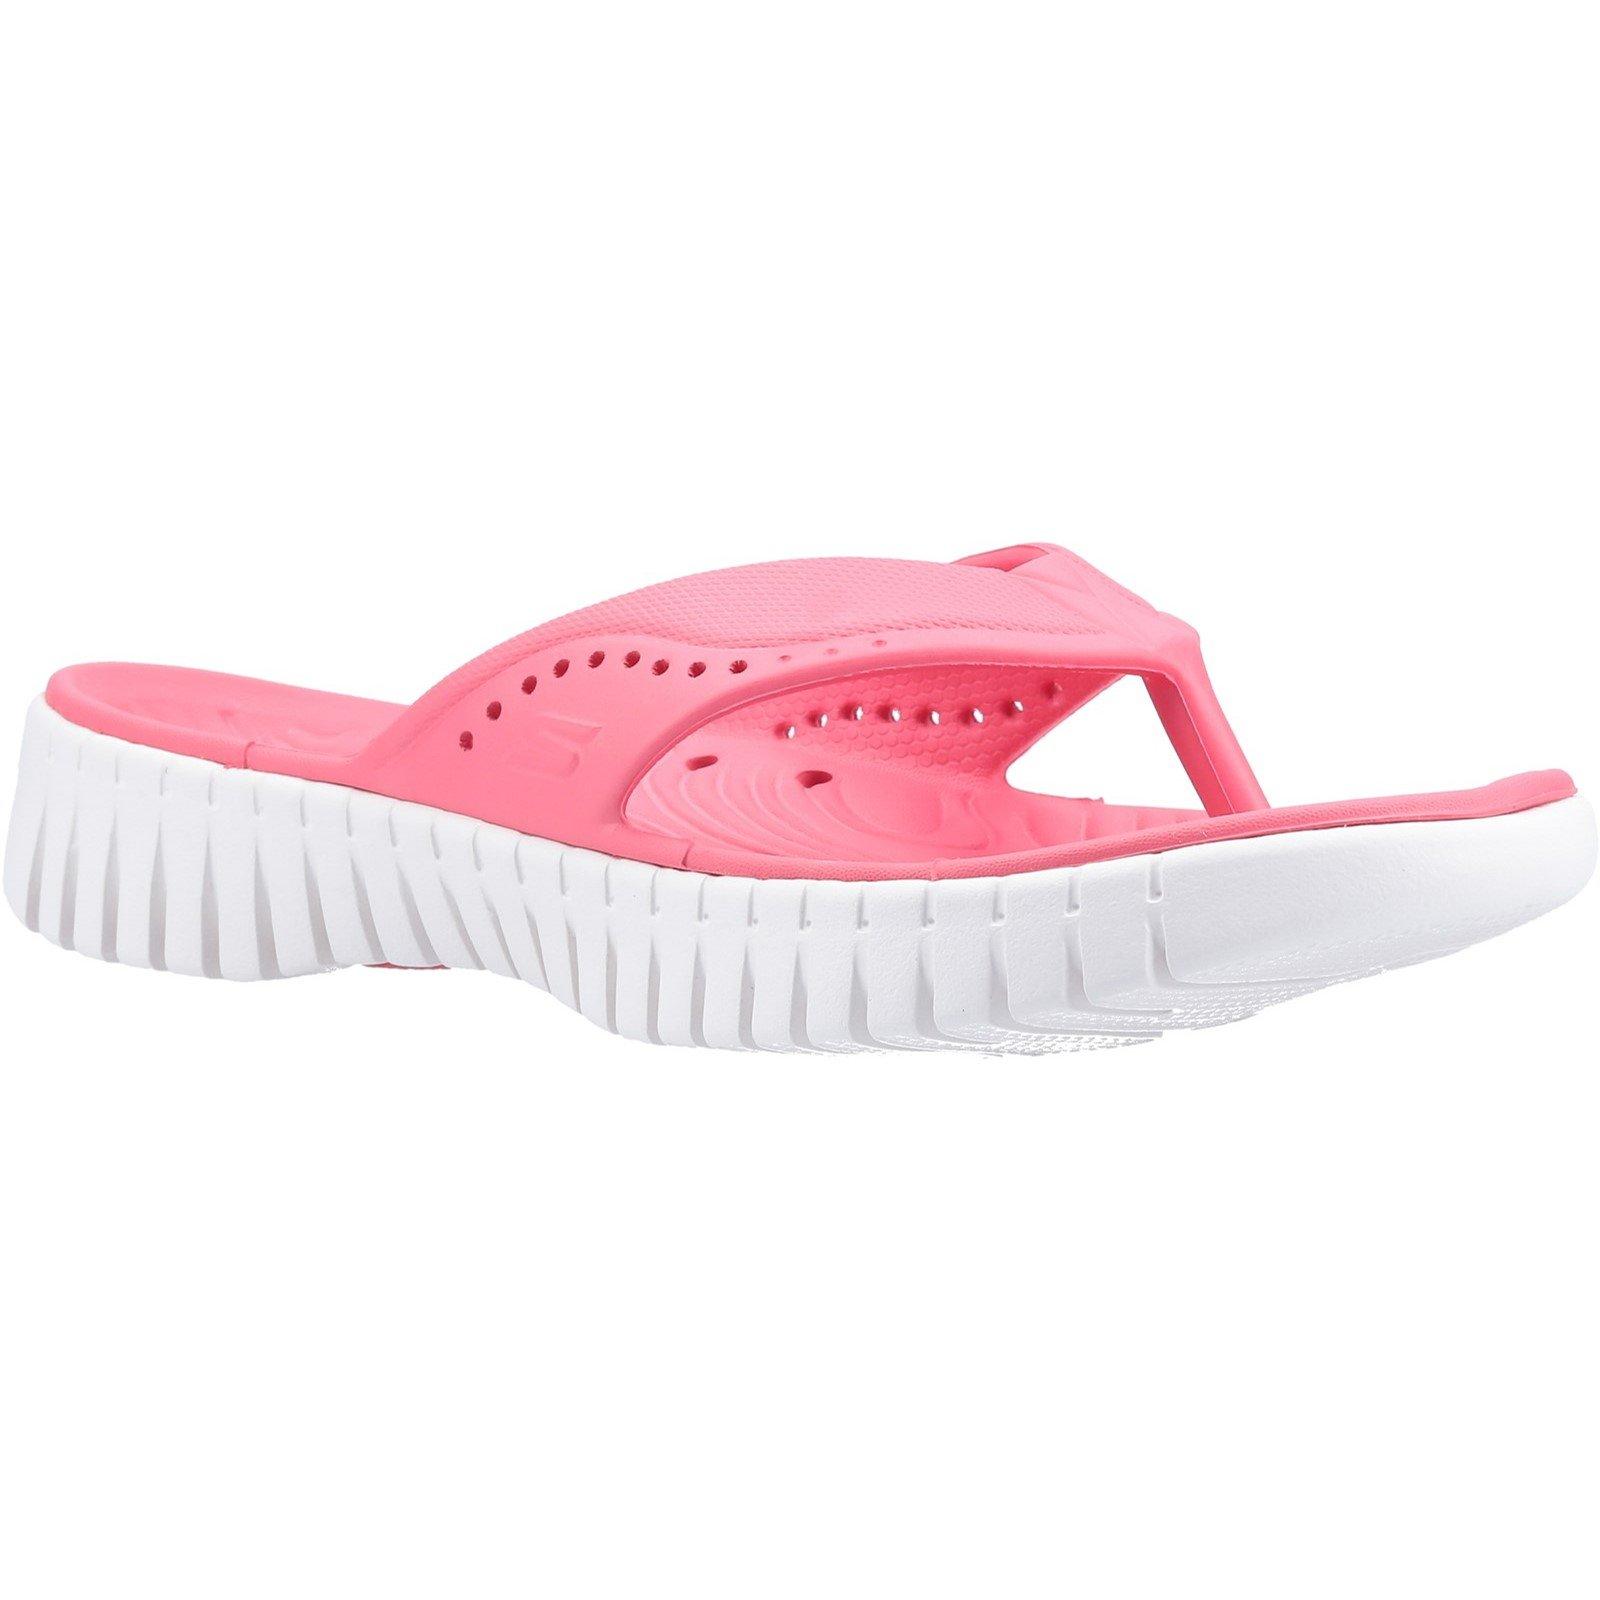 Skechers Women's GOwalk Smart Mahalo Sandal Various Colours 32371 - Coral 7